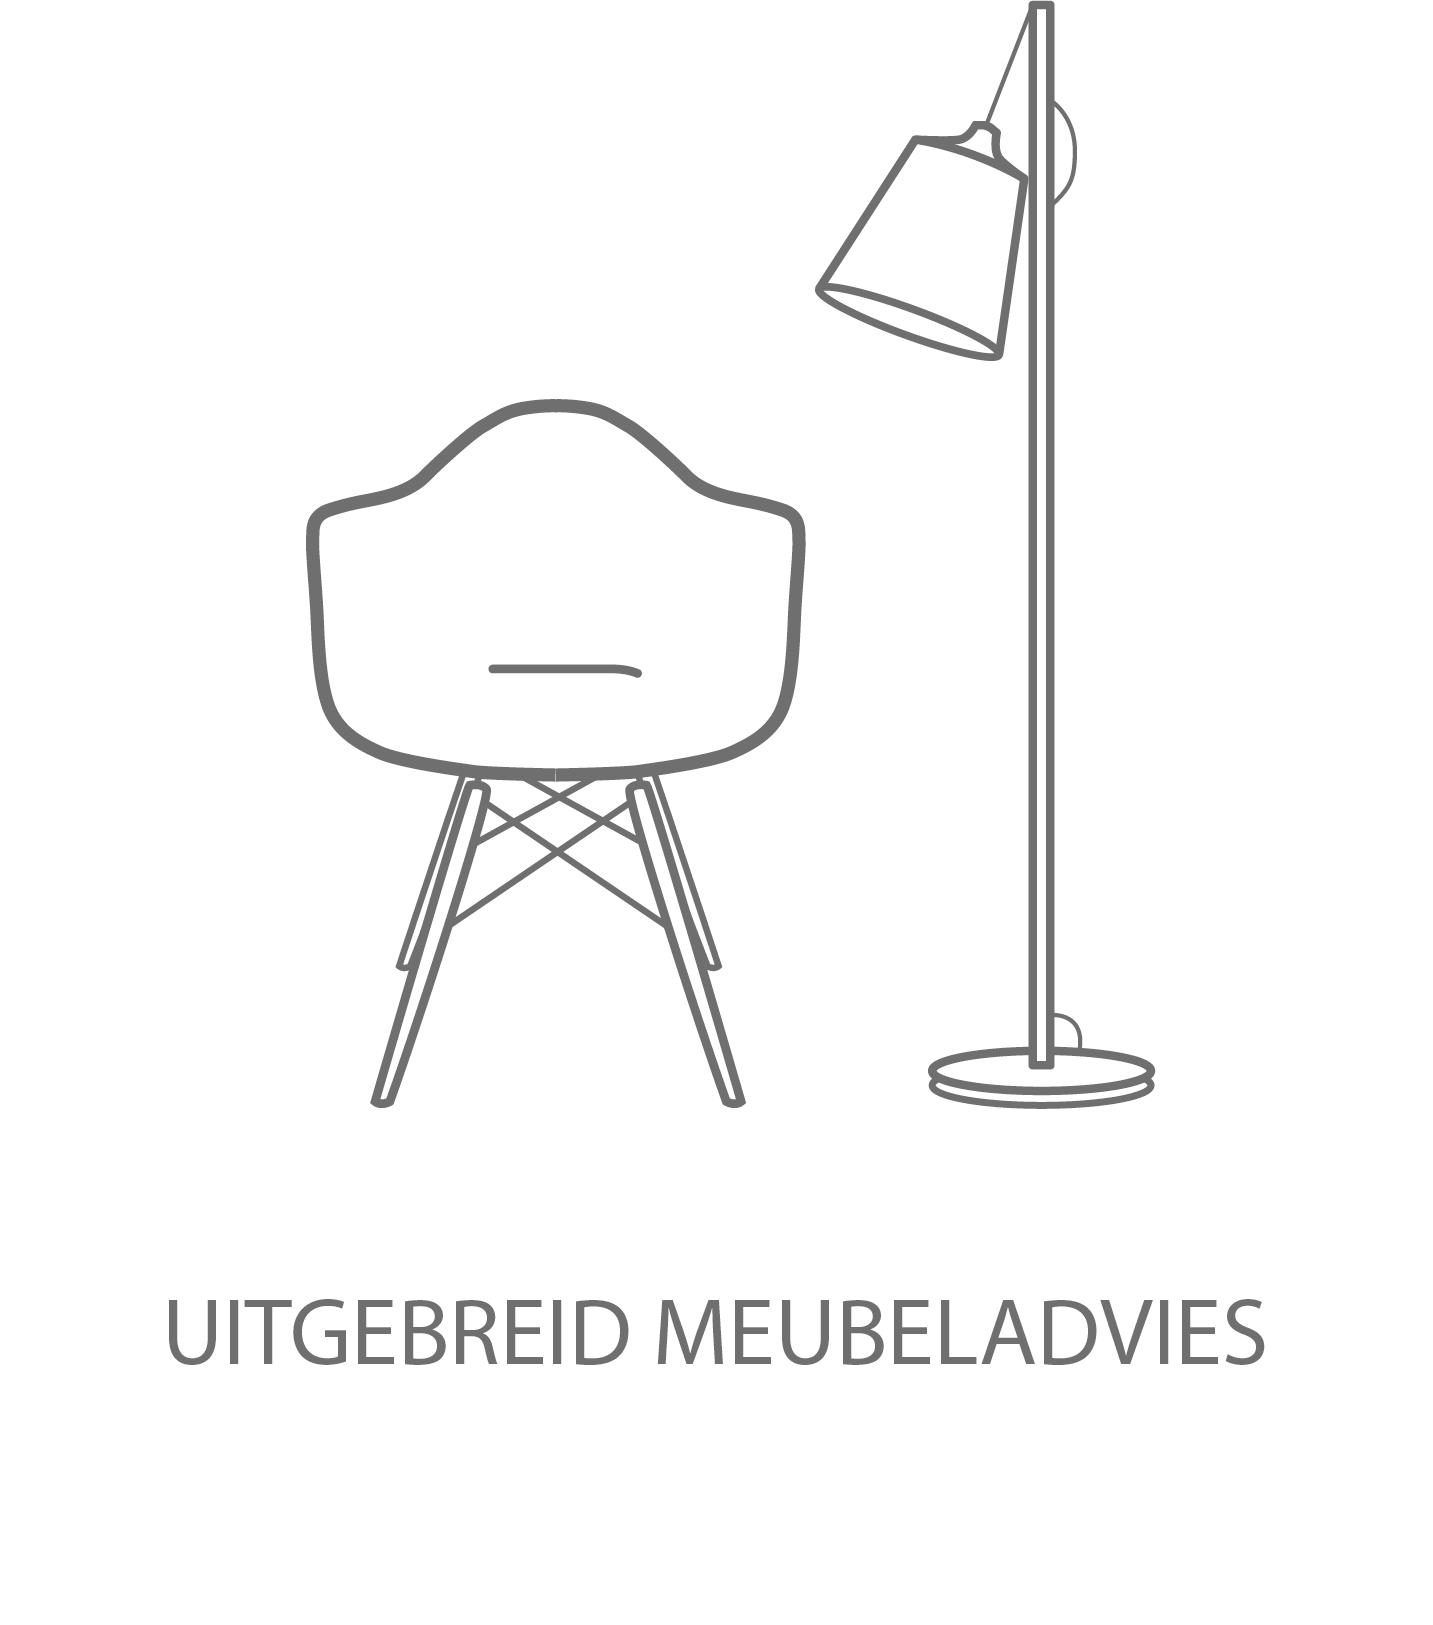 Studio Thuismakers Uitgebreid Meubeladvies